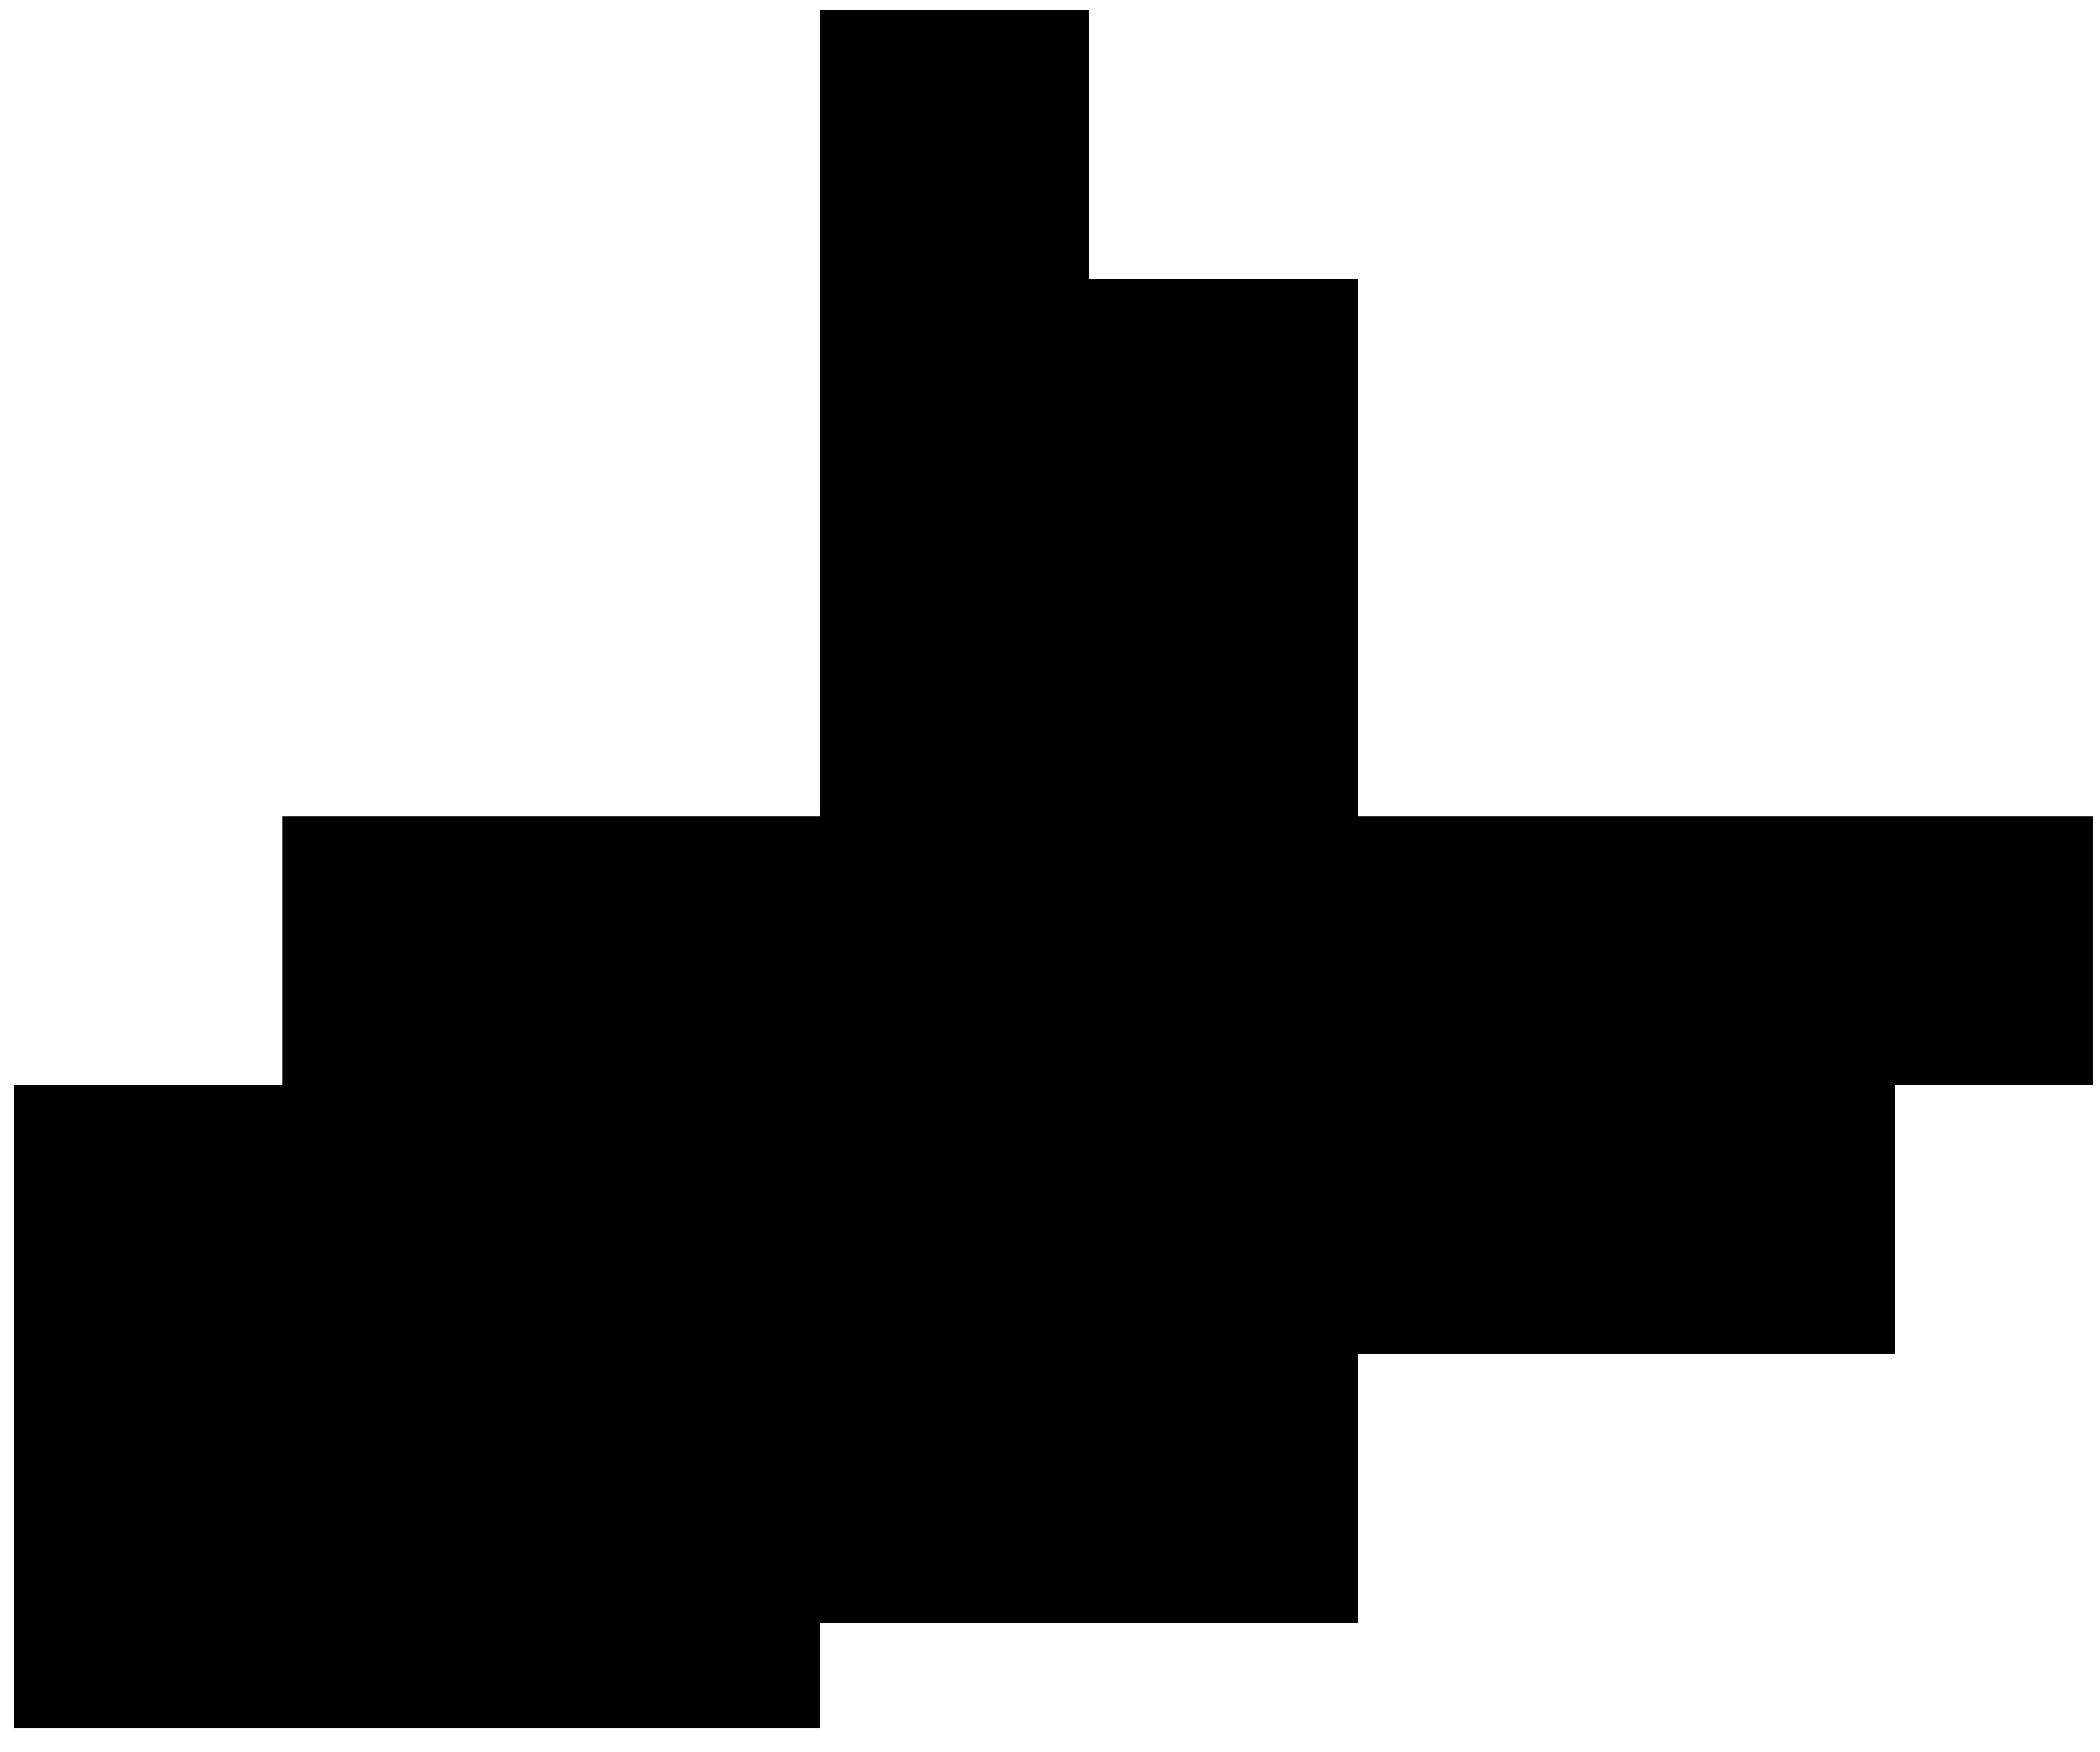 Scuba diver silhouette png. Person clipart diving